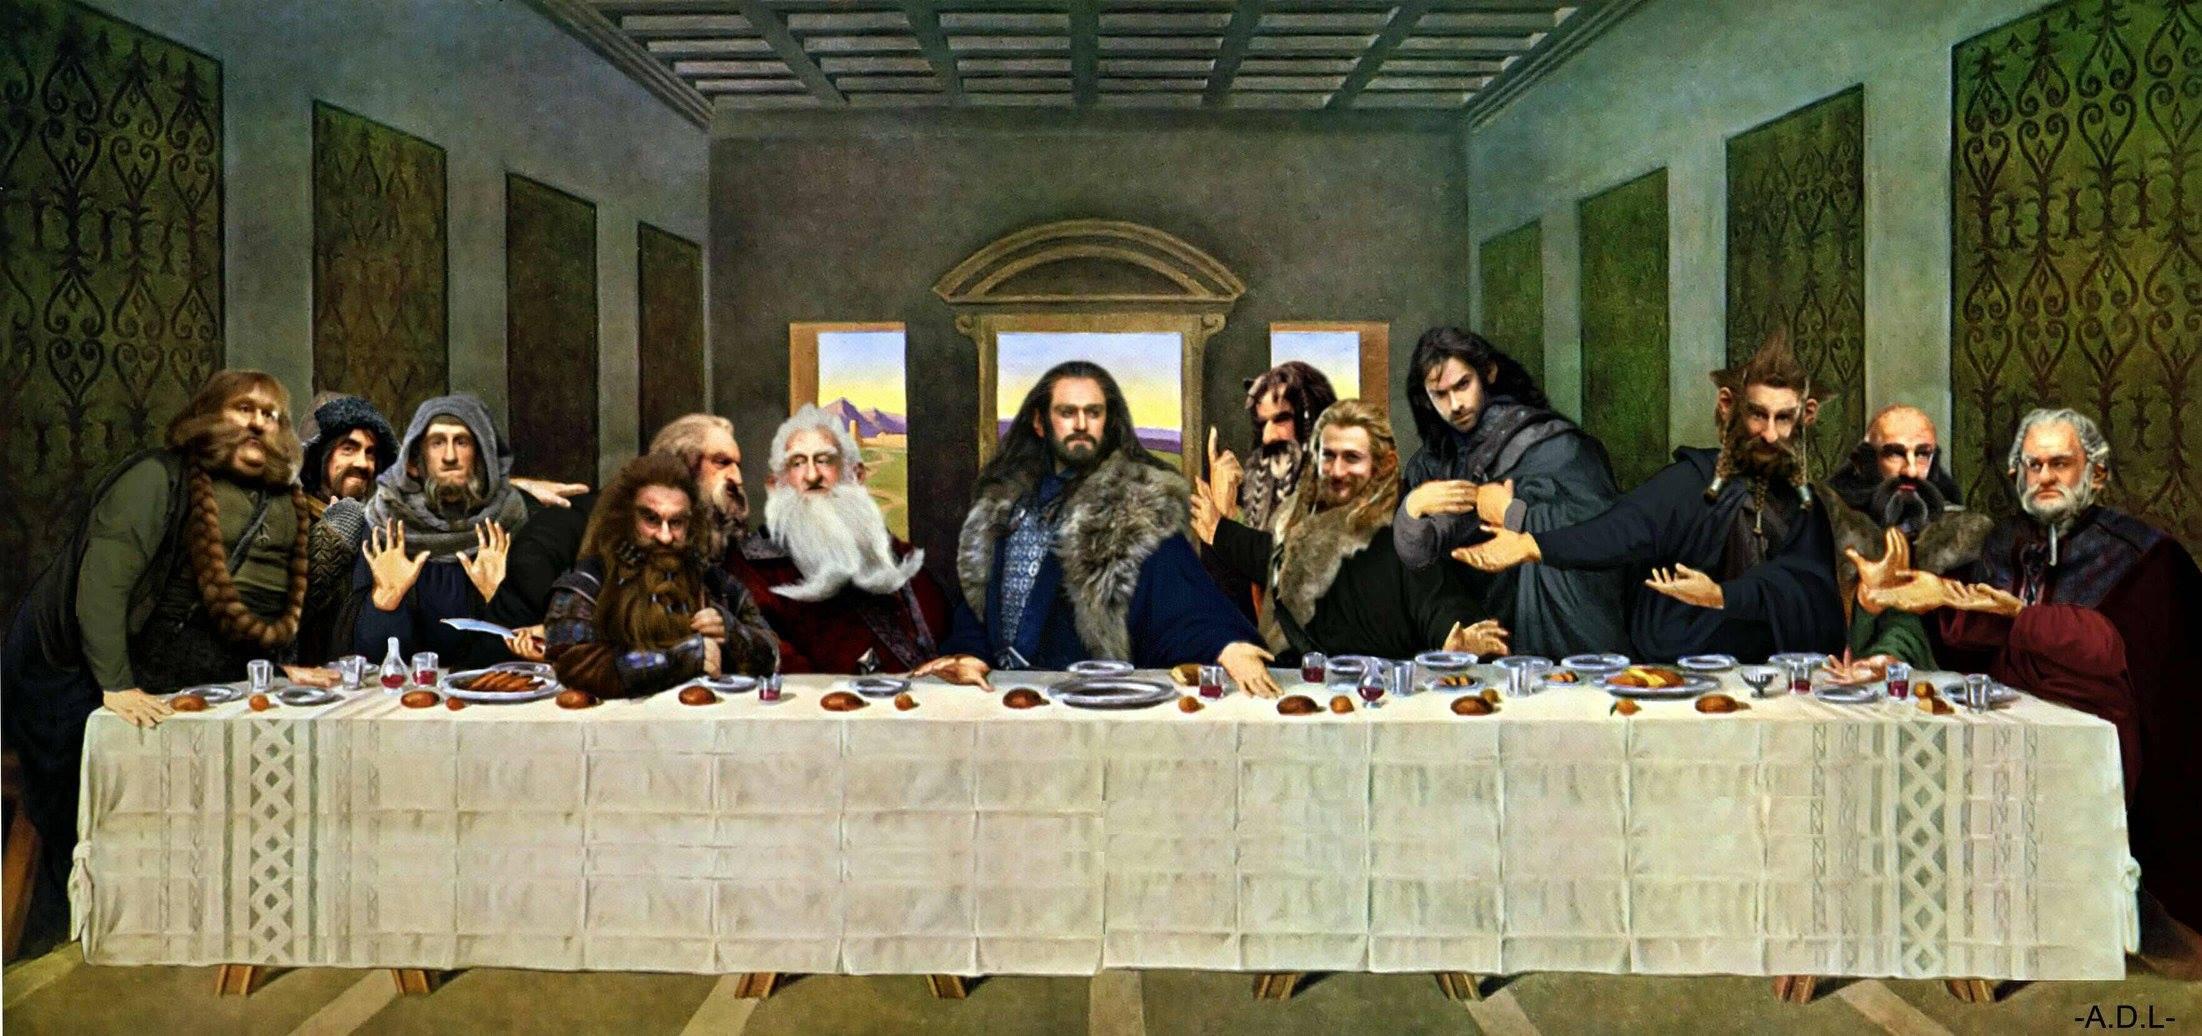 поп-культура -last-supper-игры престолов-2